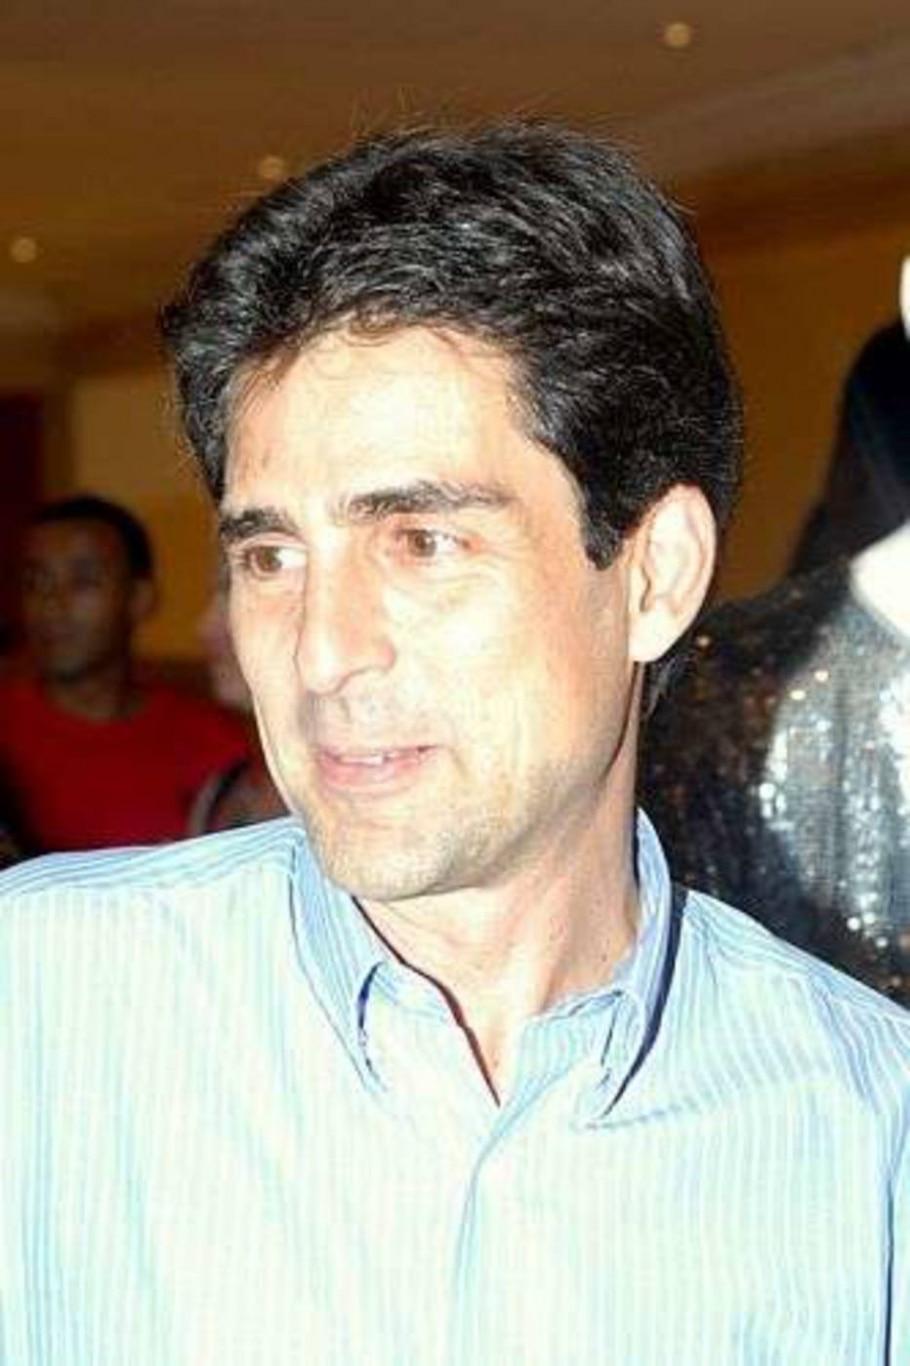 Lançamento - Luizinho Coruja/AE